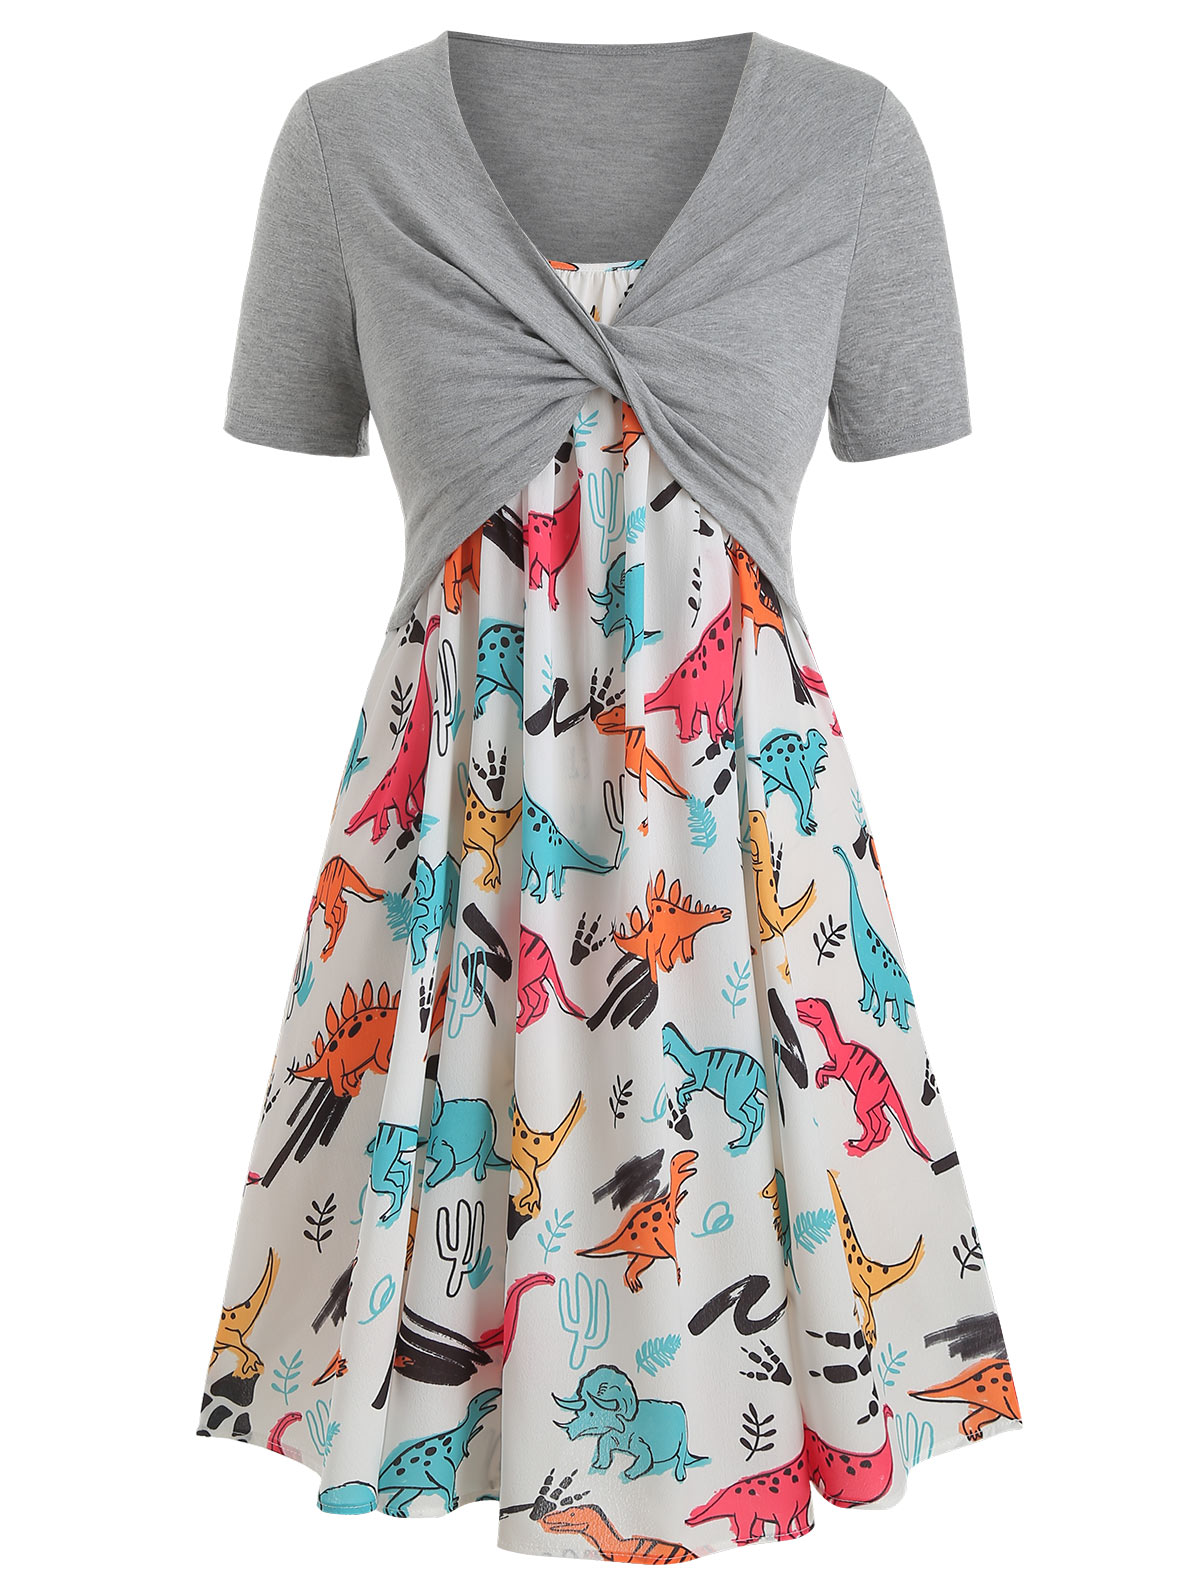 Wipalo プラスサイズ恐竜プリントフリルドレスツイストトップ A ラインスパゲッティストラップ動物プリント夏ドレス女性高ワーシトローブ  グループ上の レディース衣服 からの ドレス の中 1